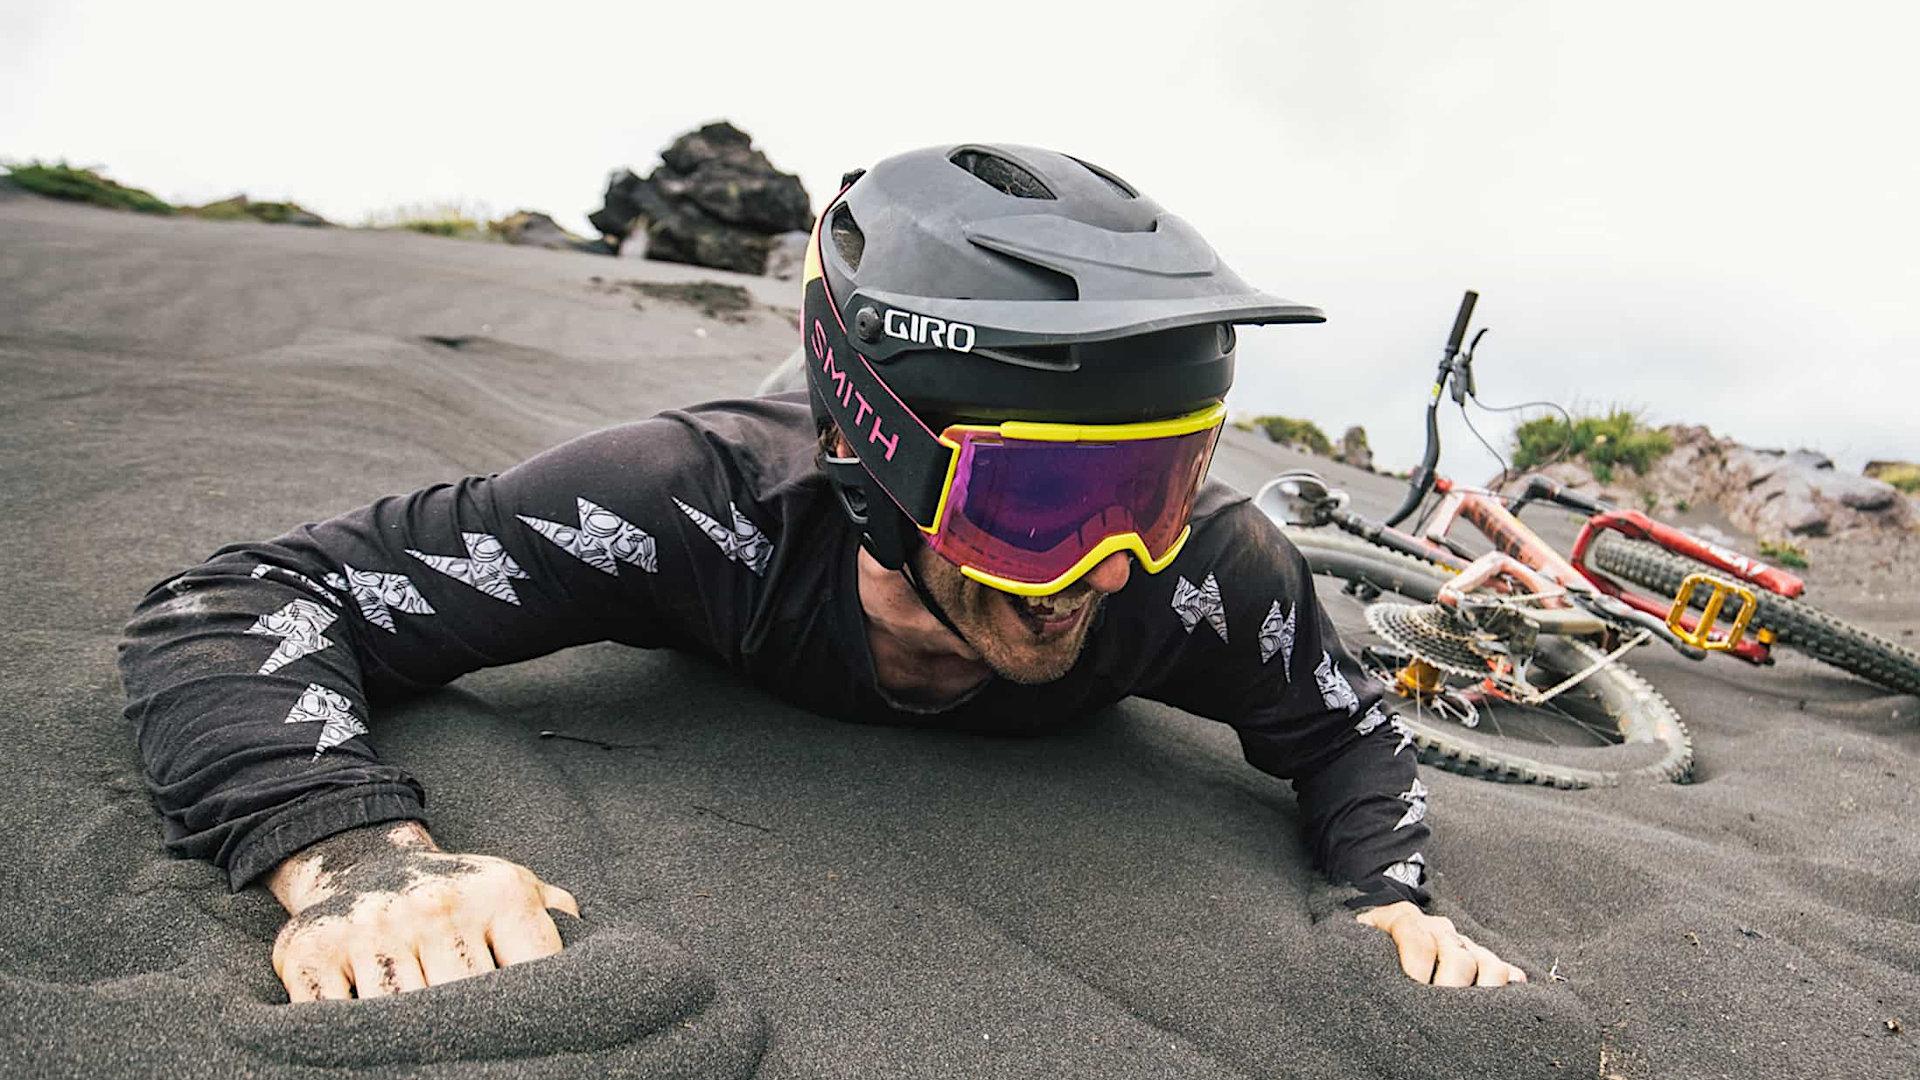 Obstáculos complicados, Santa Cruz Bicycles